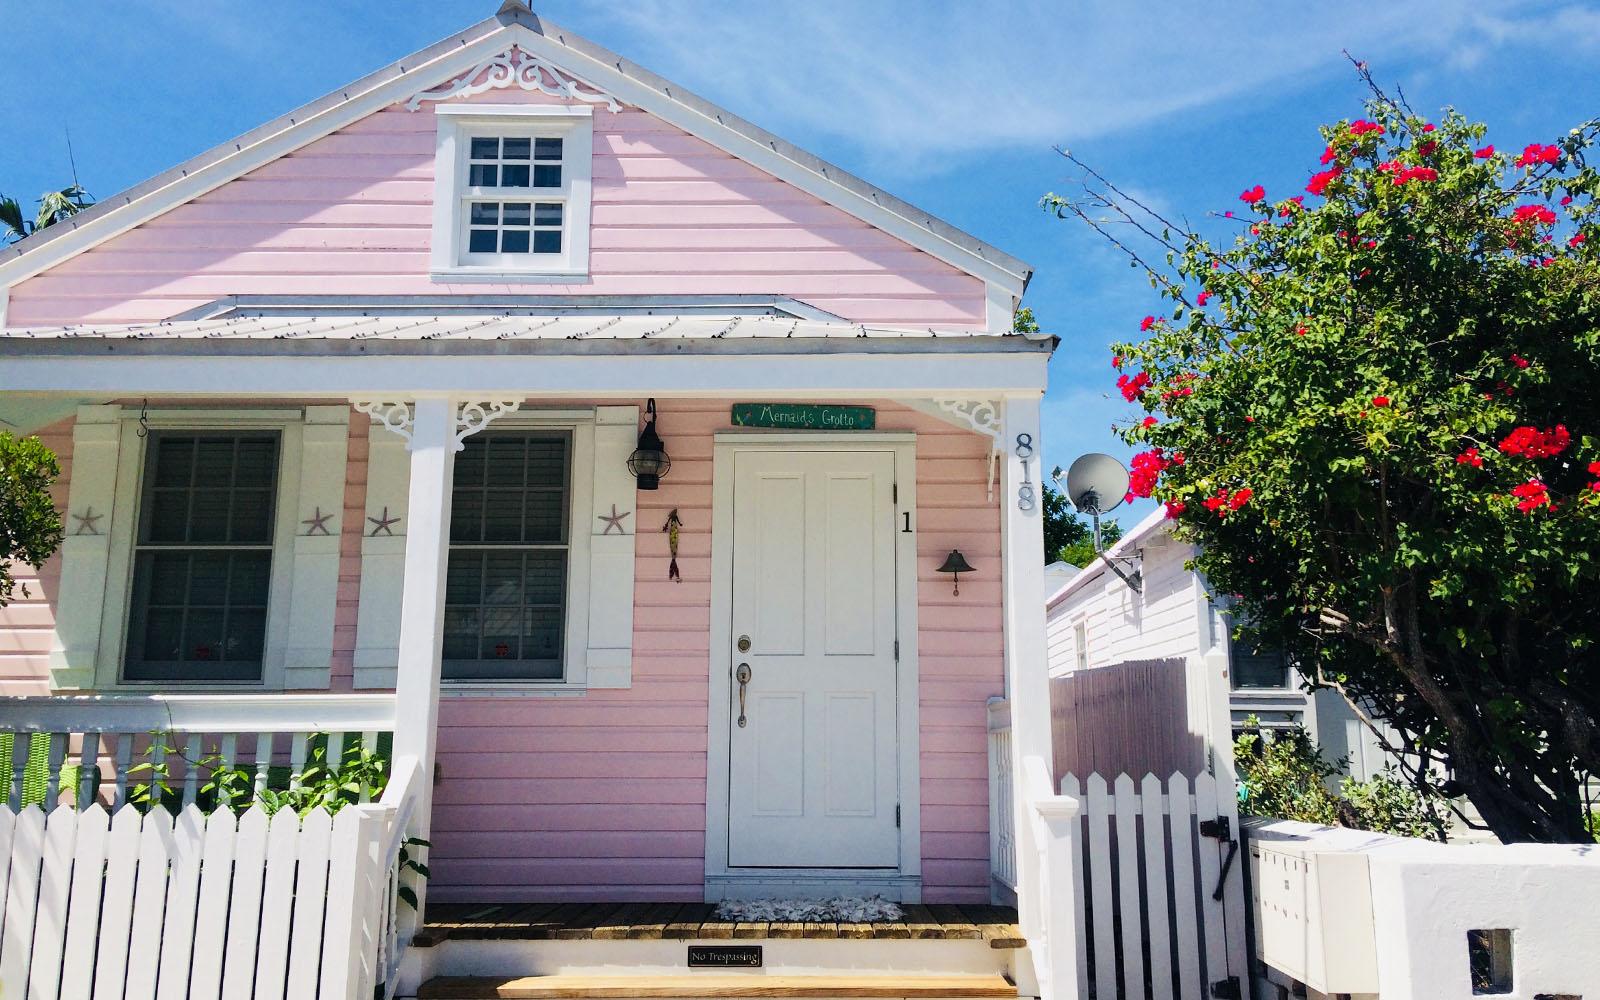 Conch house, una delle caratteristiche case color pastello di Key West.